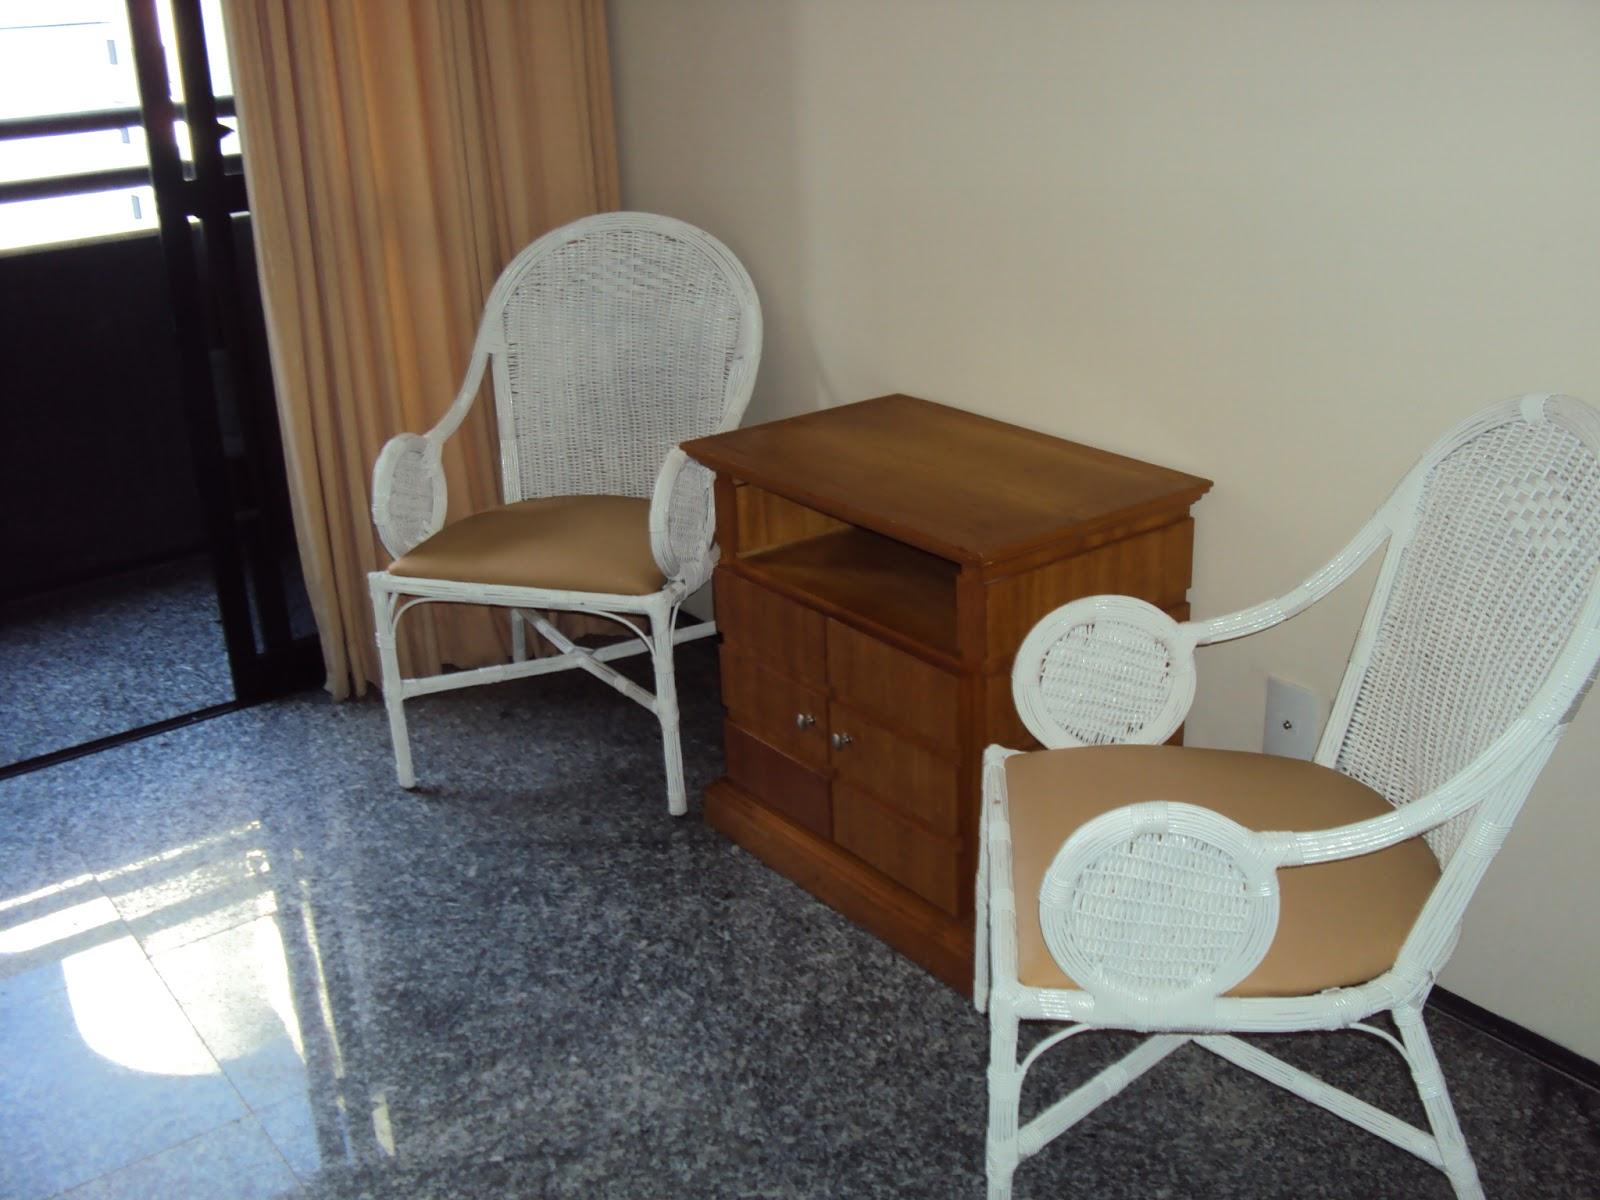 Imagens de #644328 Na cozinha temos eletrodomésticos de fácil manuseio como: cafeteira  1600x1200 px 3548 Blindex Banheiro Fortaleza